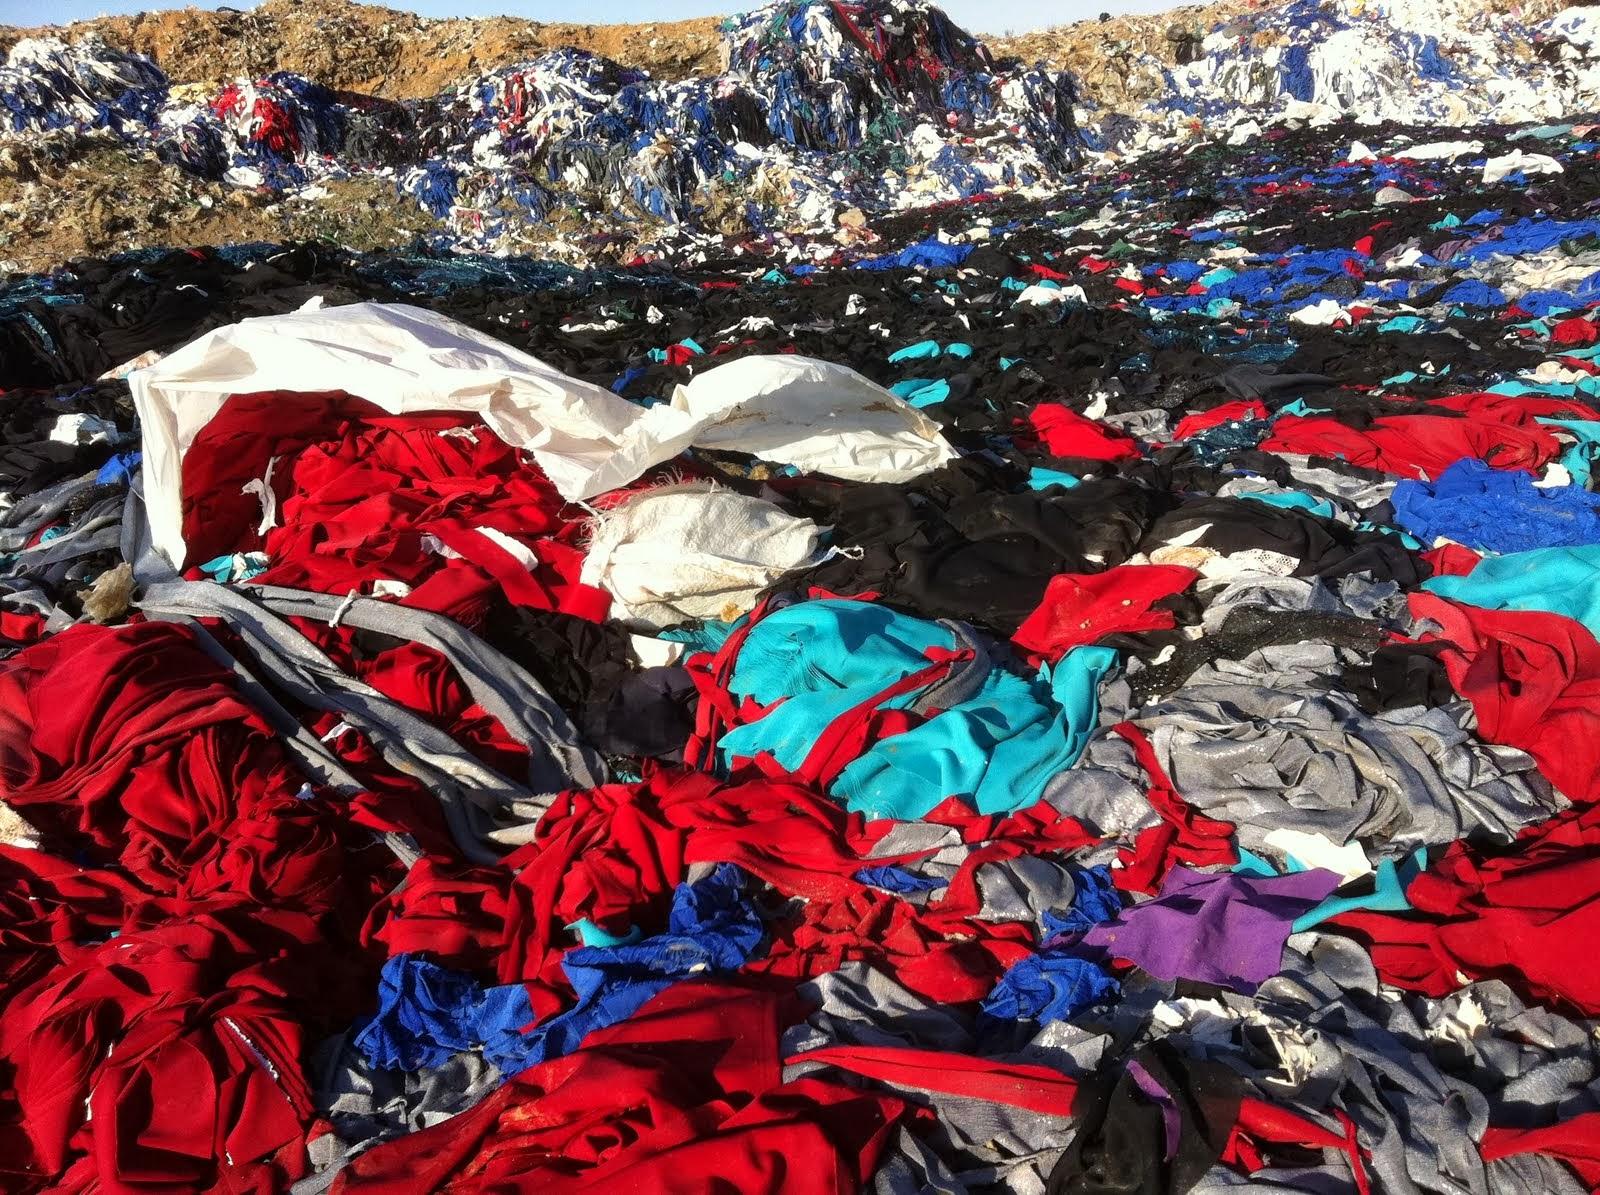 Autossustentável: Resíduos descartados em lixão